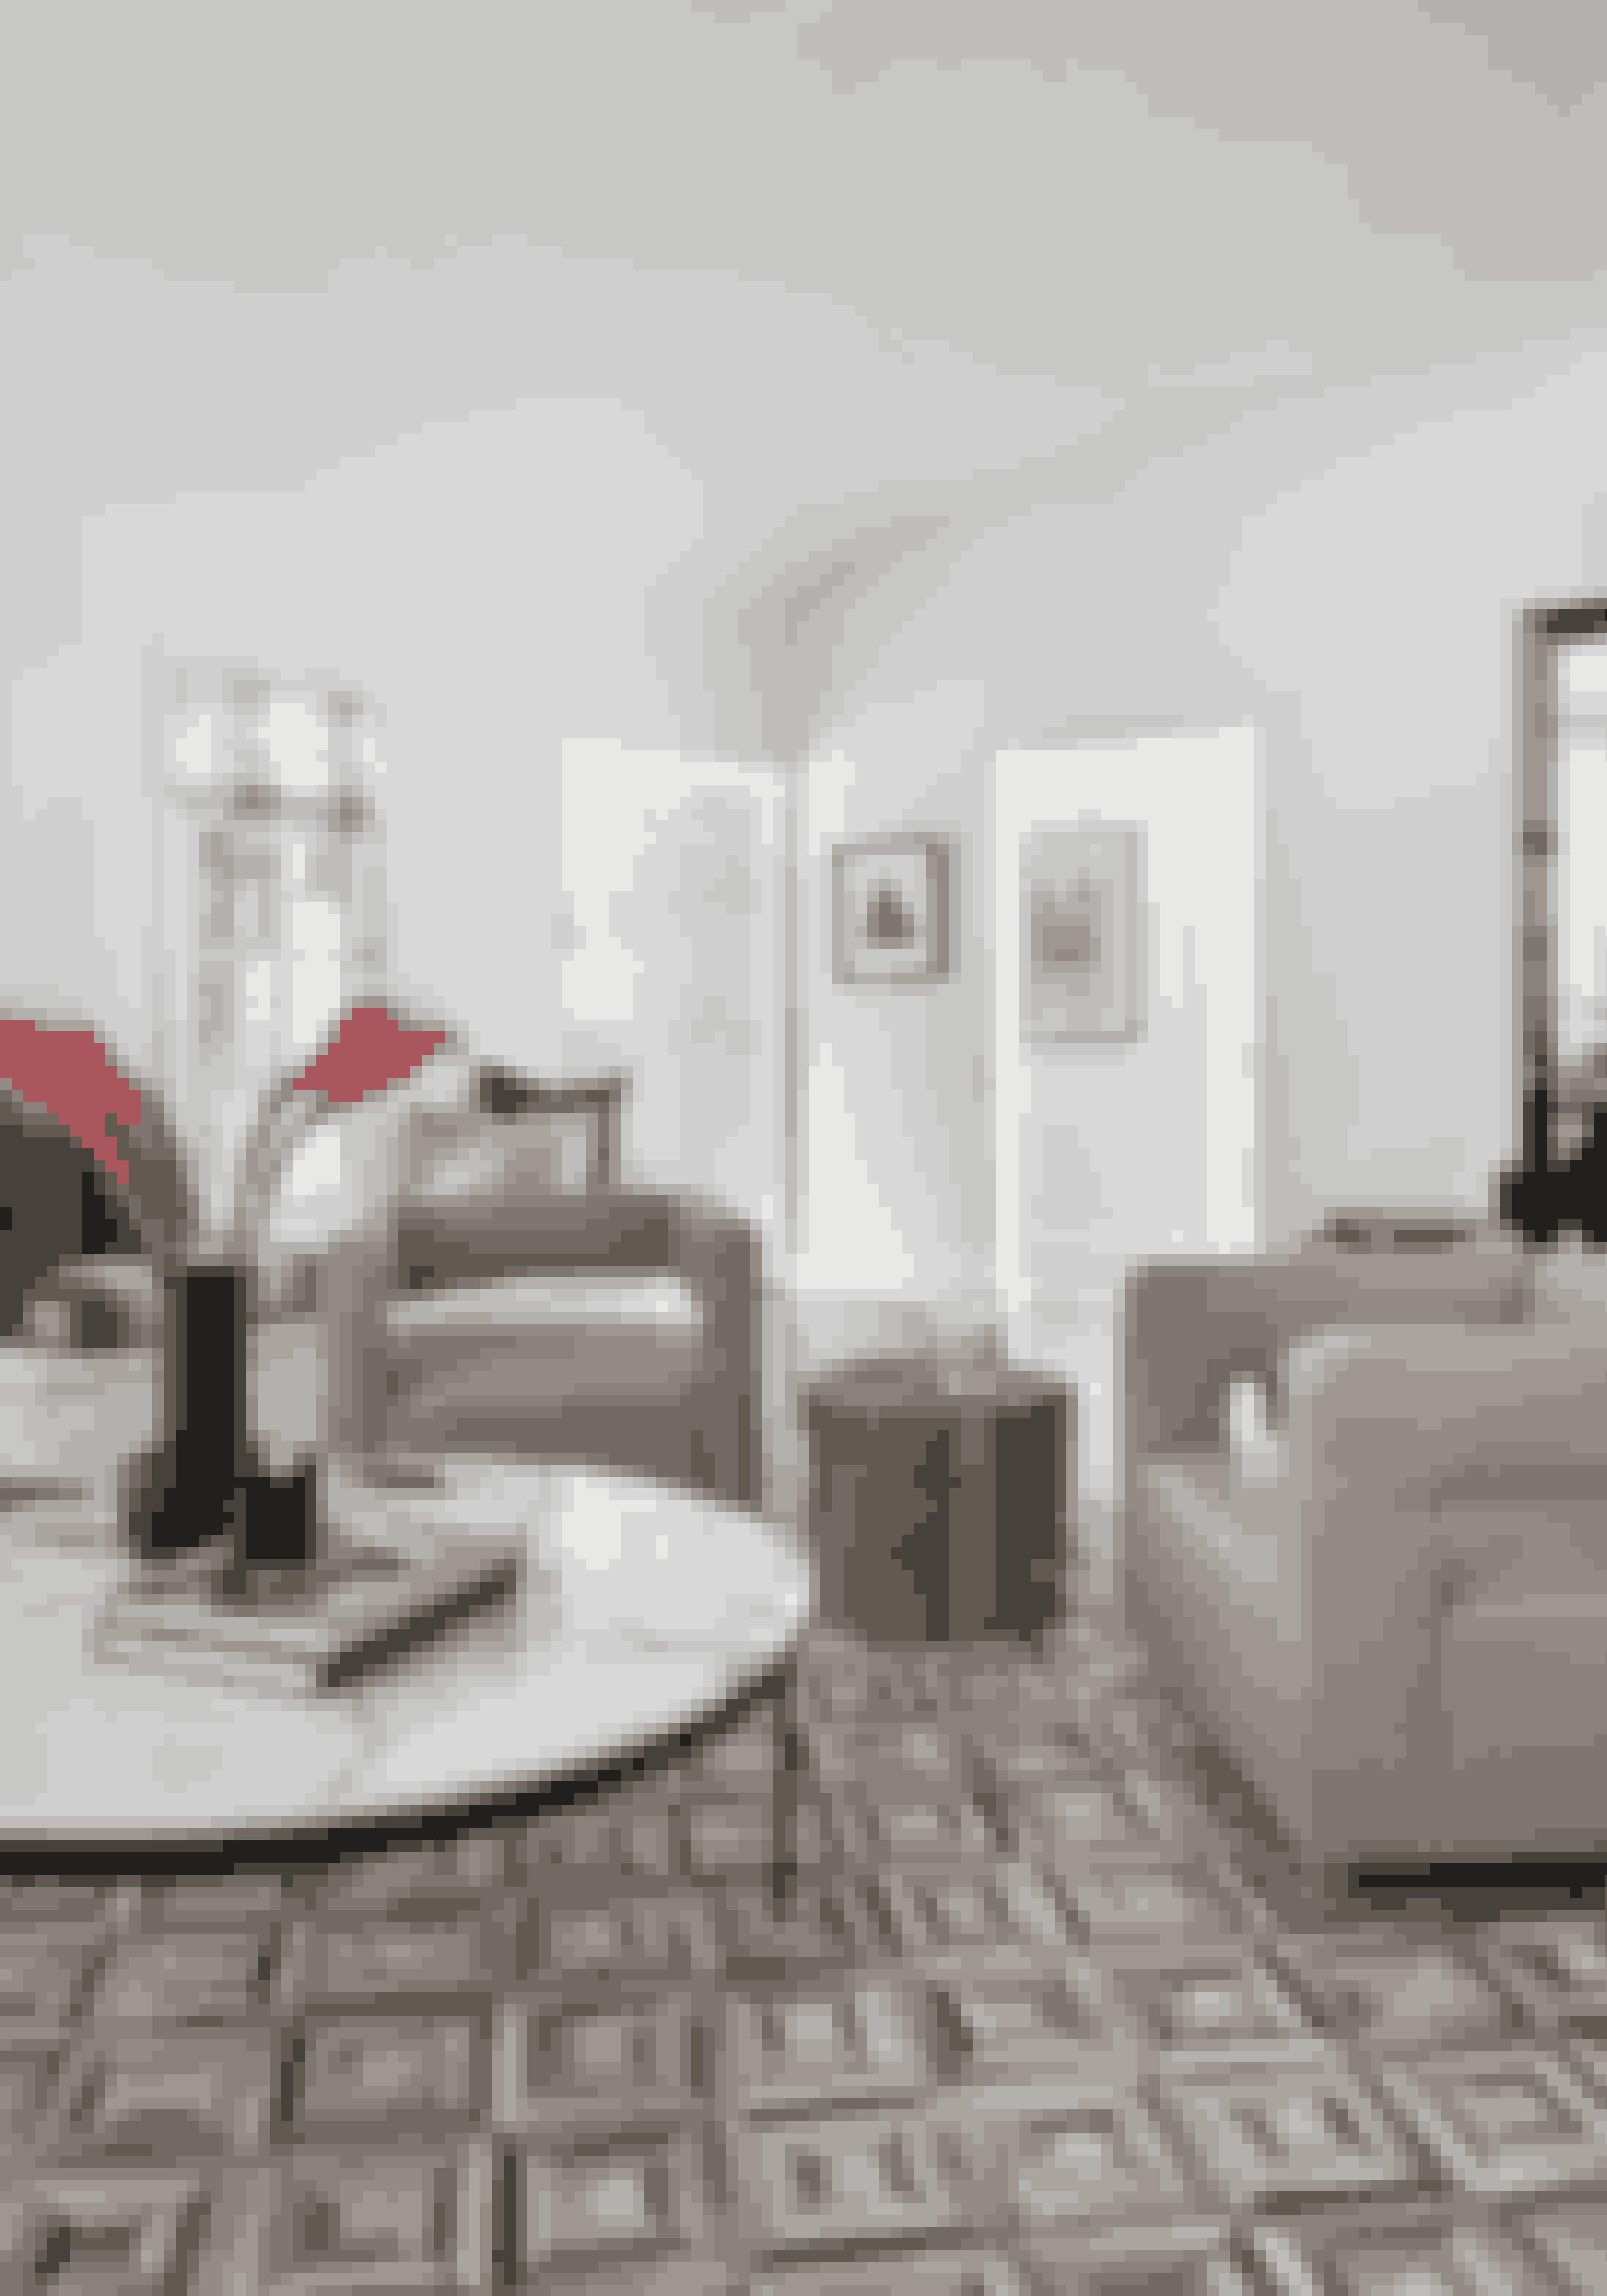 Giv rummet et eksklusivt og skulpturelt præg med møbler i unikke udformninger og tekstiler i sarte pasteller. Loungestolene er fra RH Modern, og sofabordet er fra HD Buttercup.